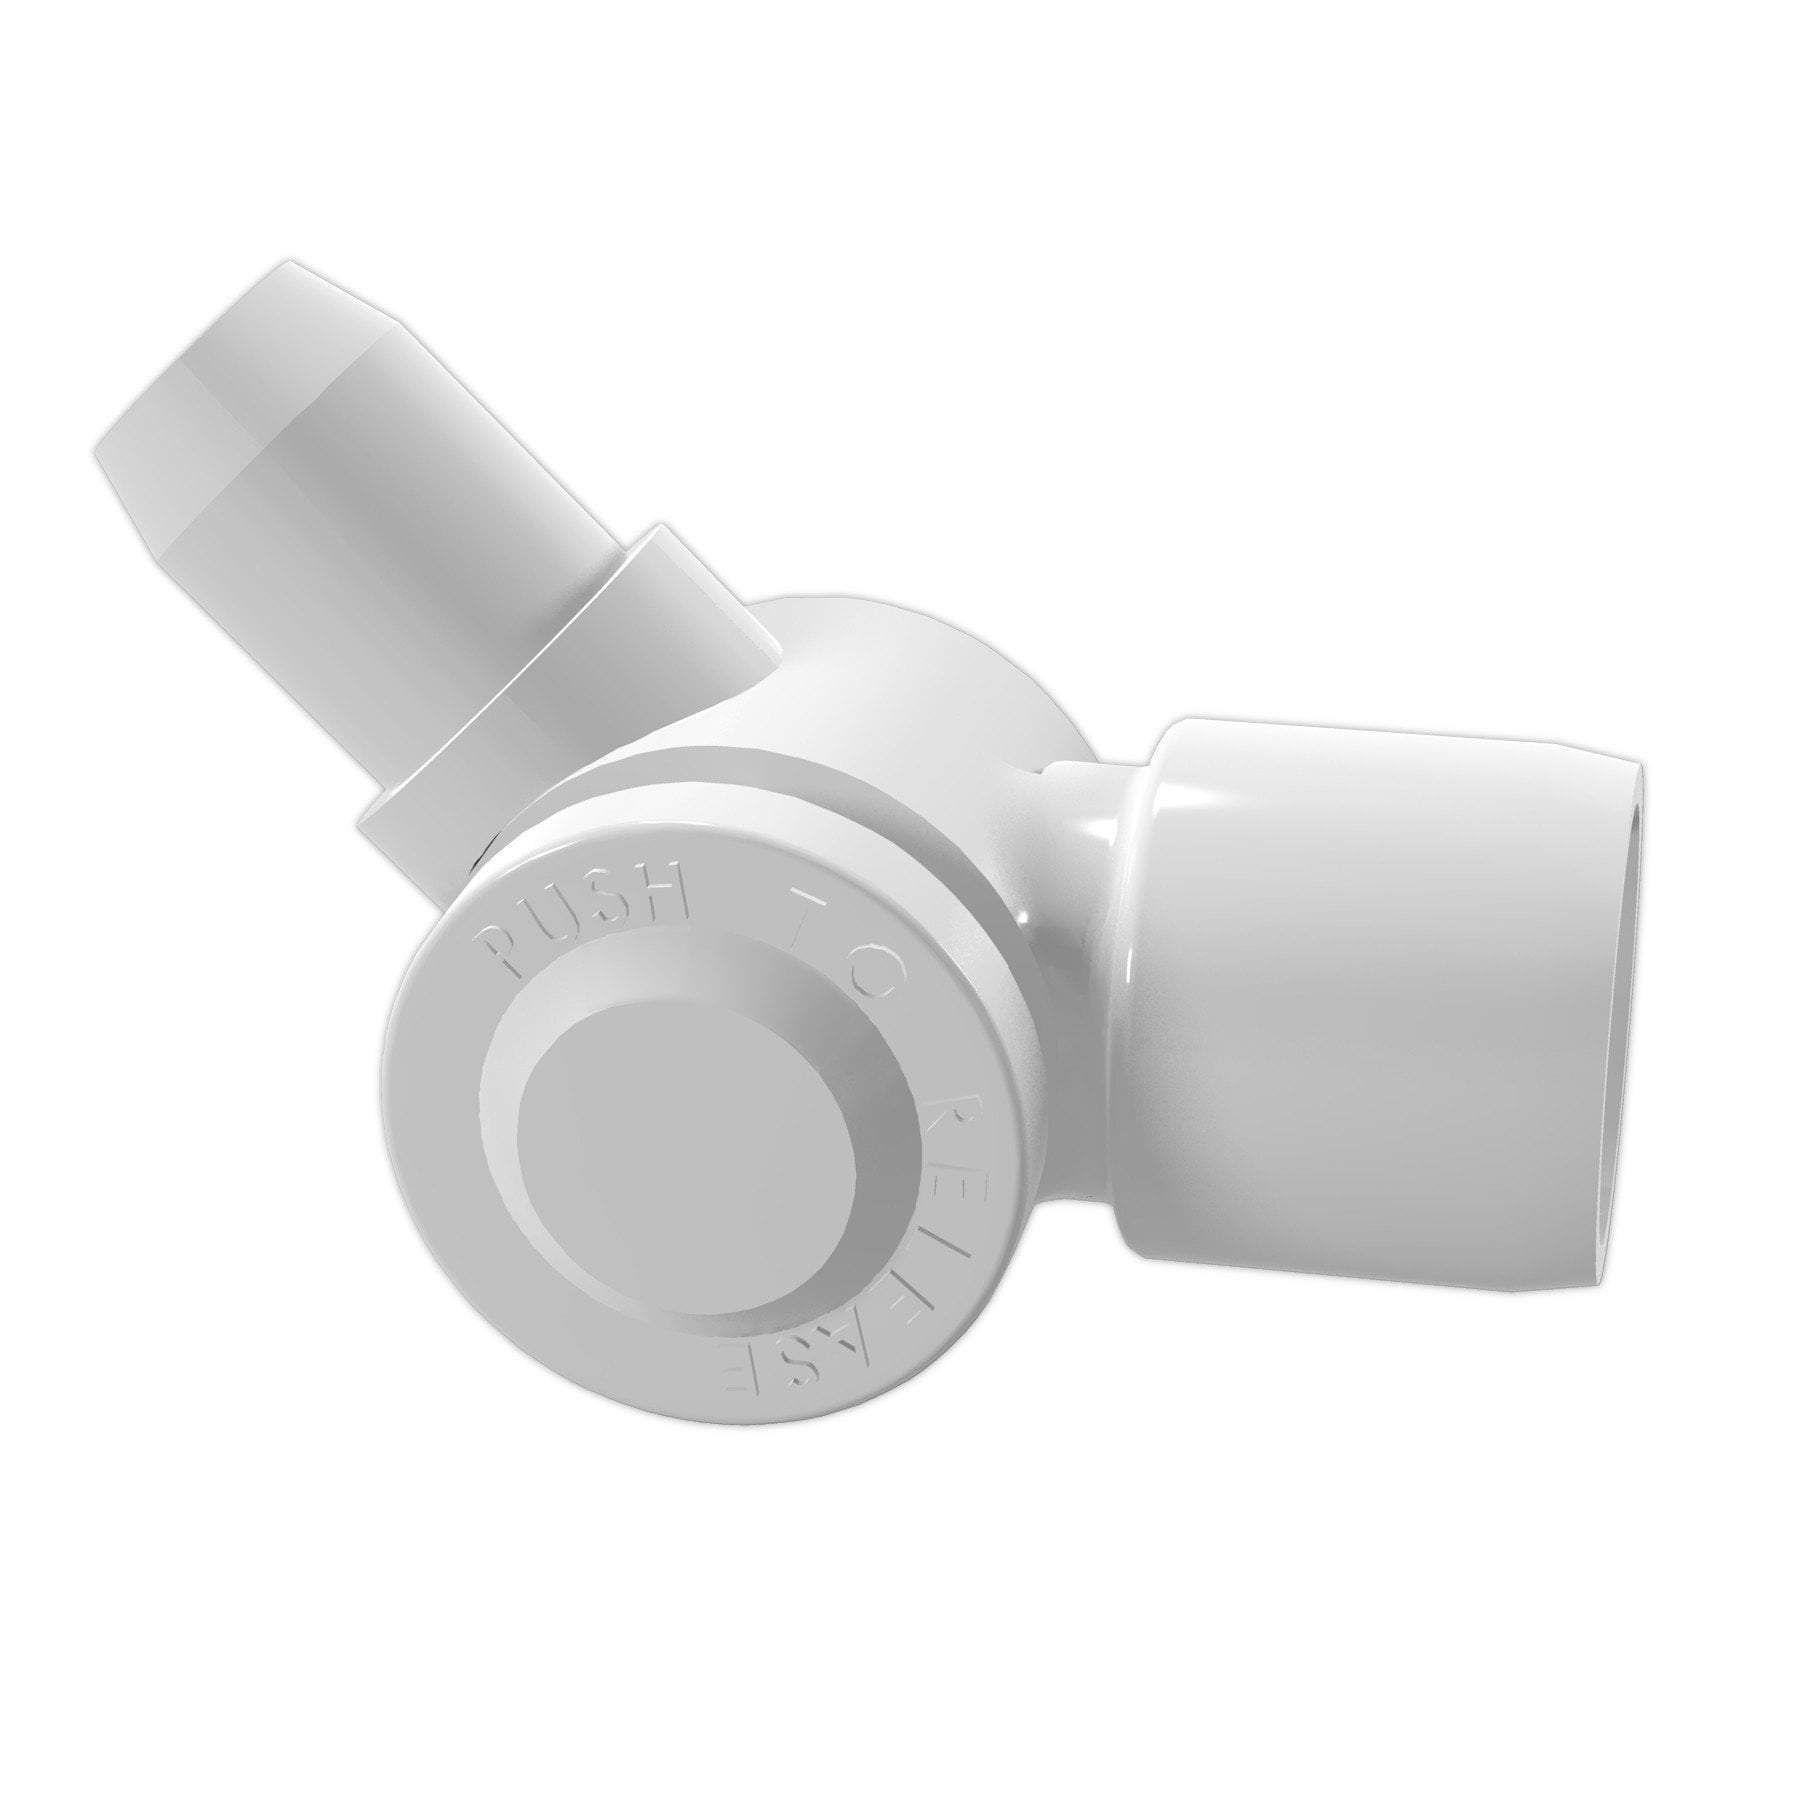 34 internalexternal 2way adjustable pvc elbow pvc